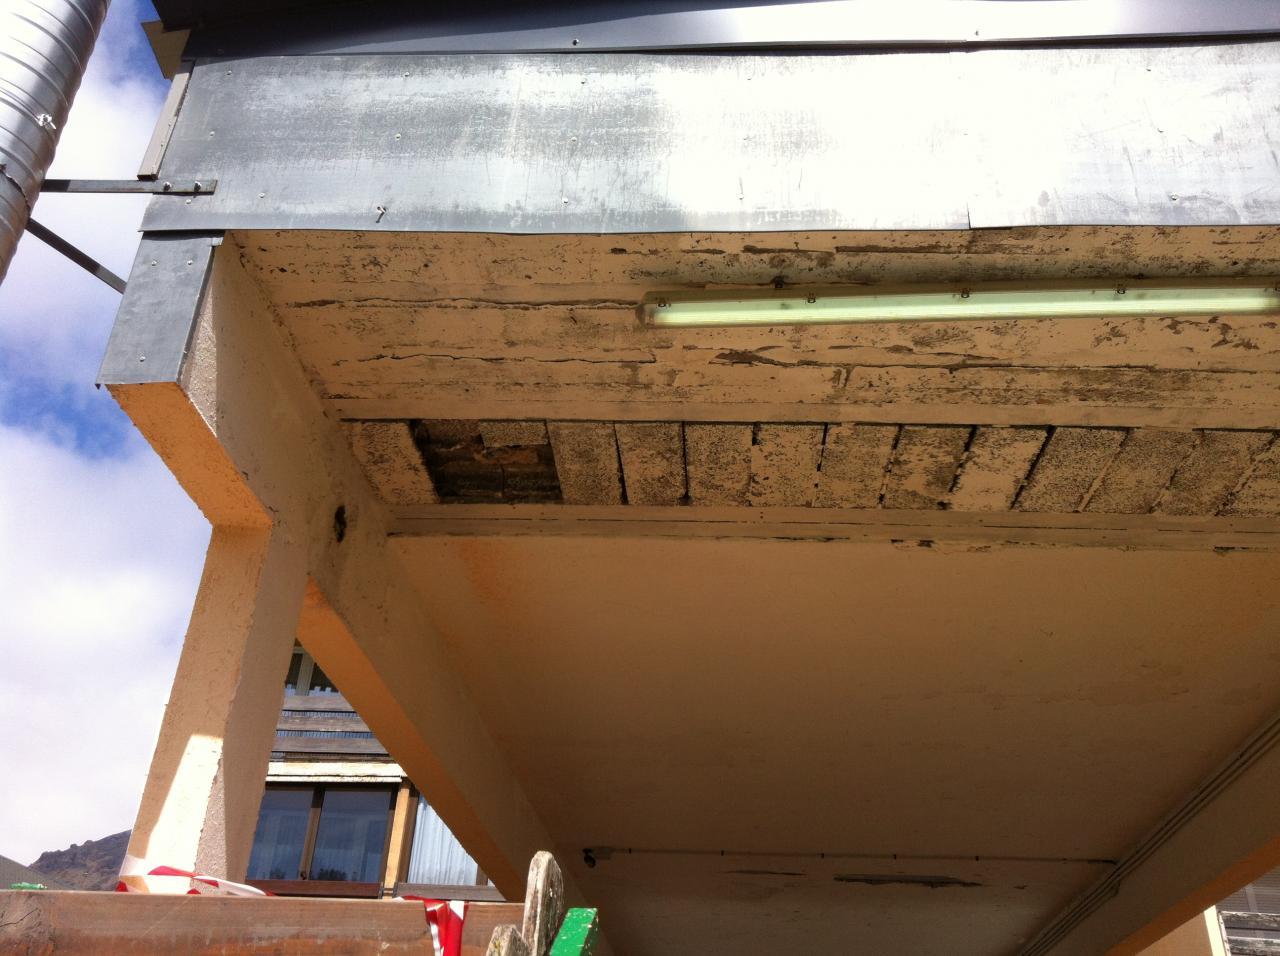 le vieux tube néon sera remplacé par une rampe de leds